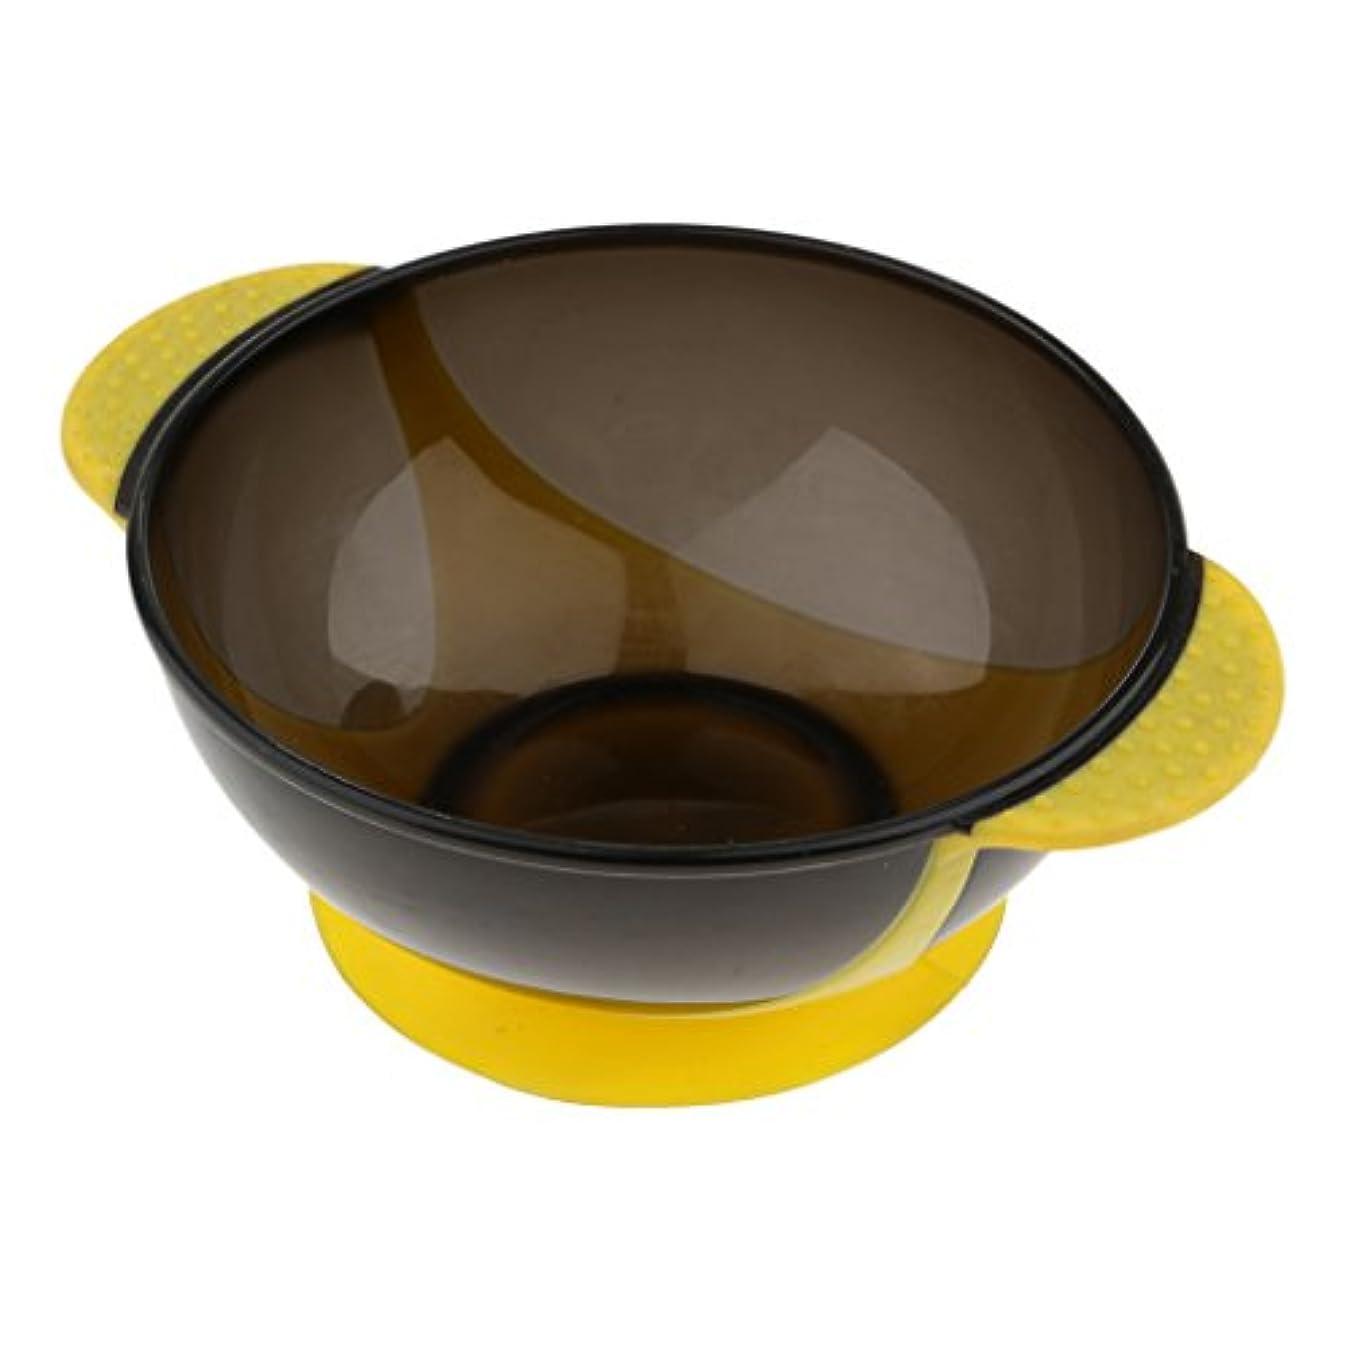 知覚できる間欠違反ヘアダイボウル 染料 色合い ボウル 吸着パッド ヘアカラー ミキシングボウル プラスチック 全3色 - 黄